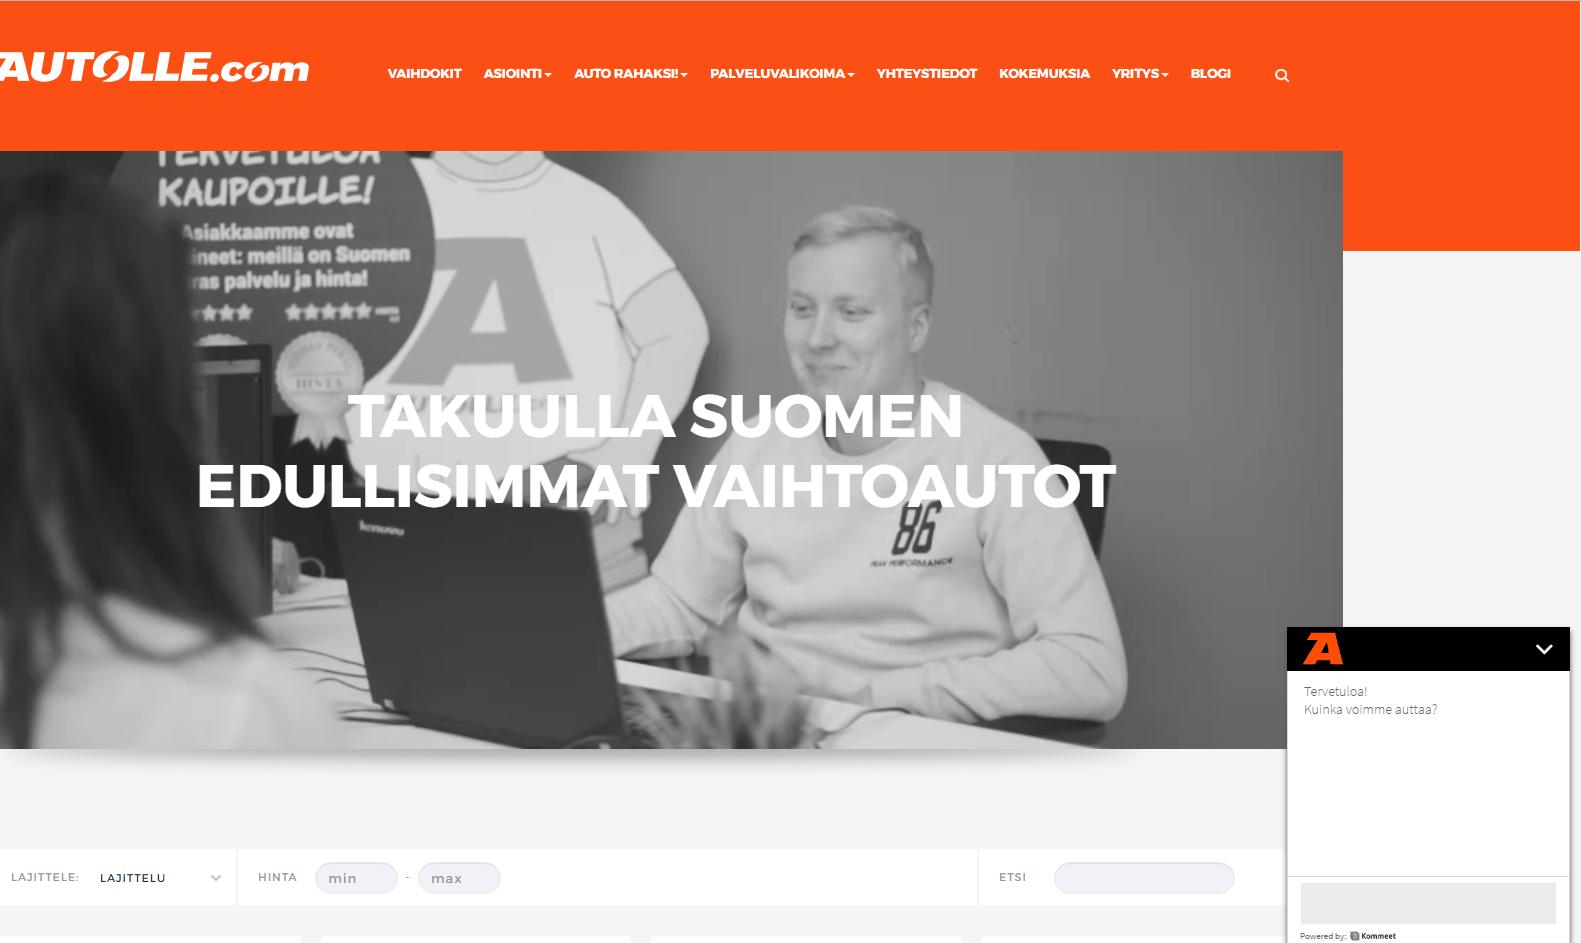 autollecom_screenshot.png#asset:2058